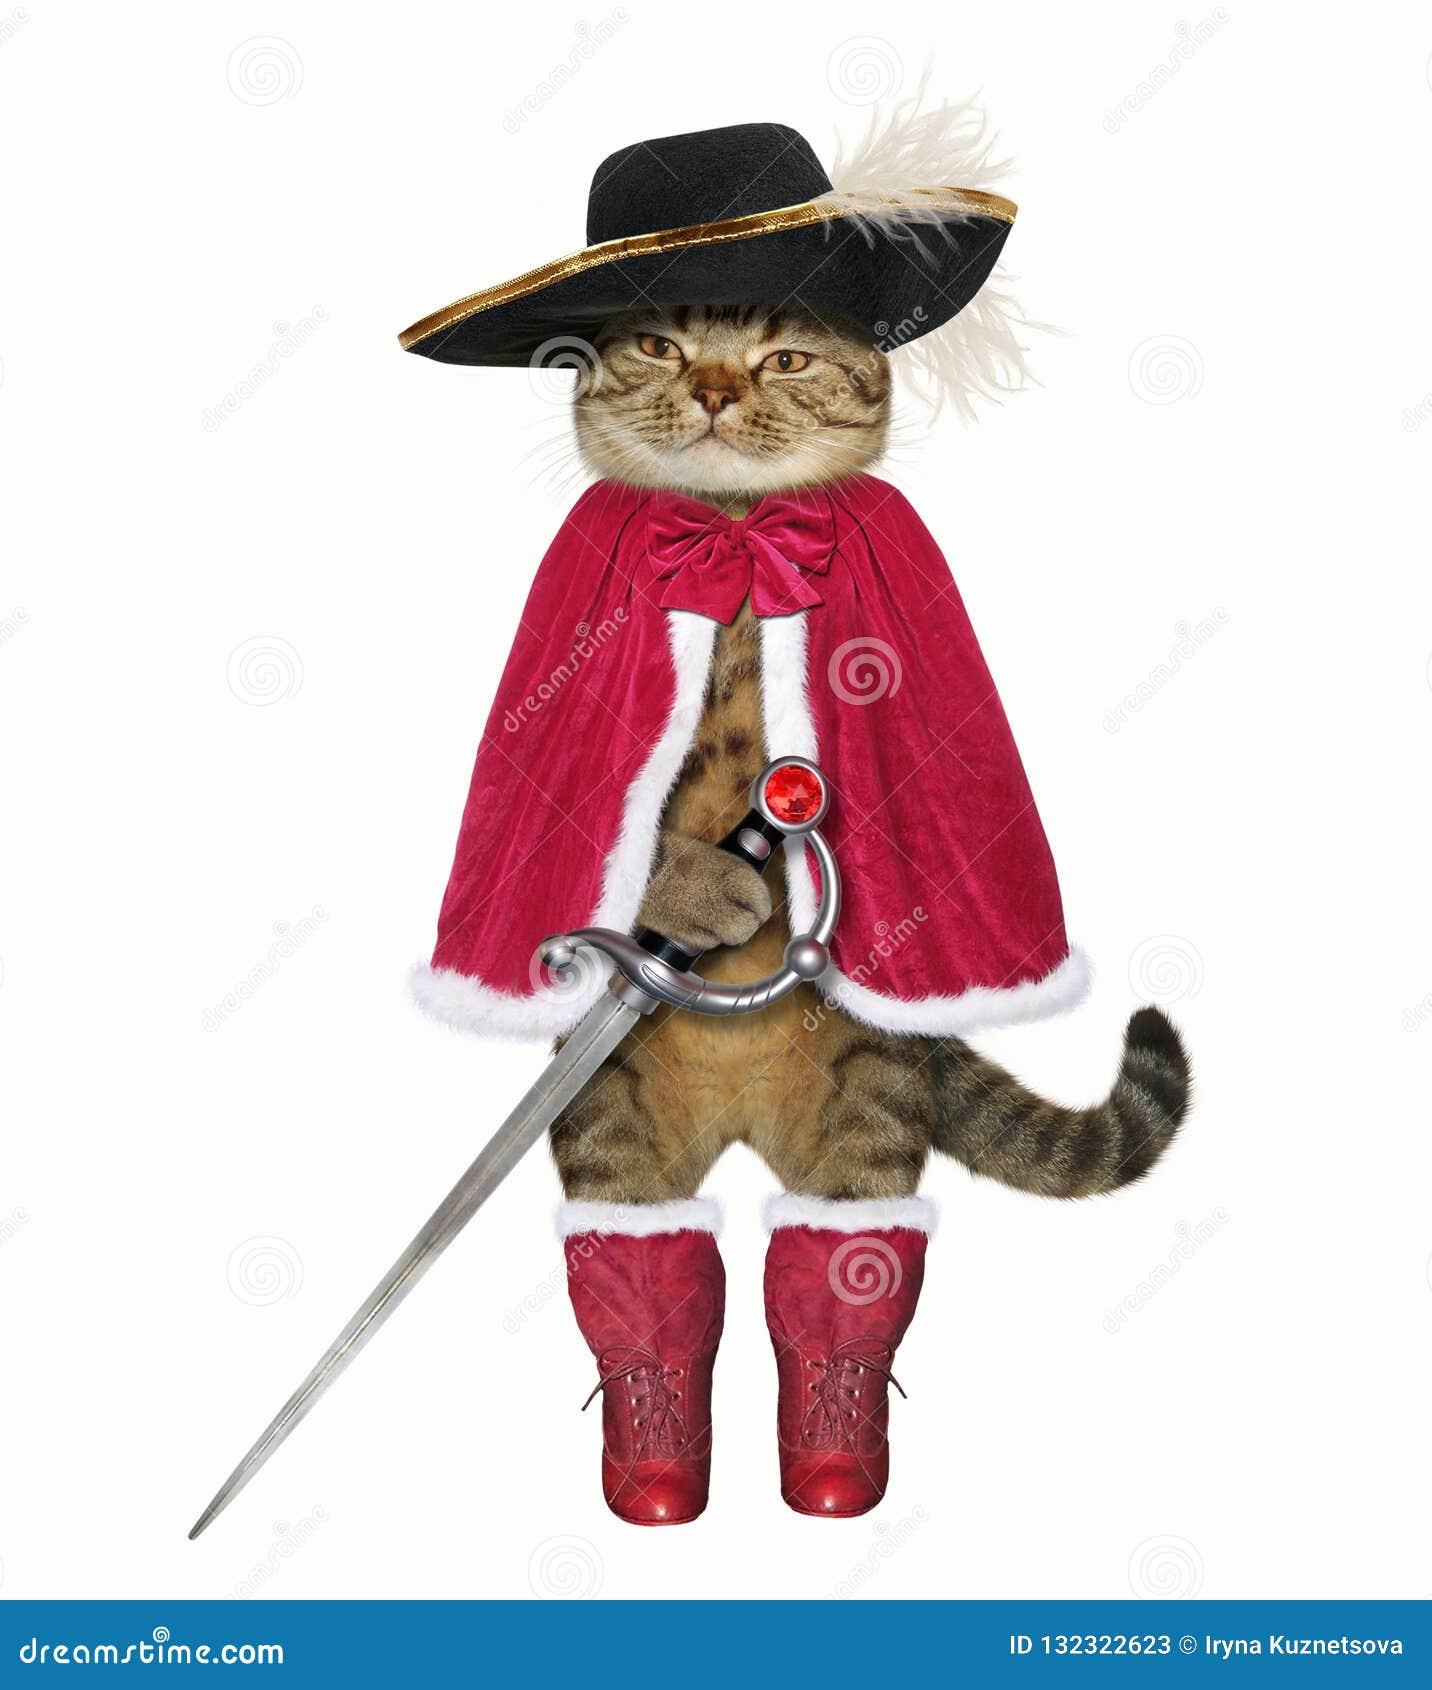 Katze in einem roten Mantel mit einer Klinge